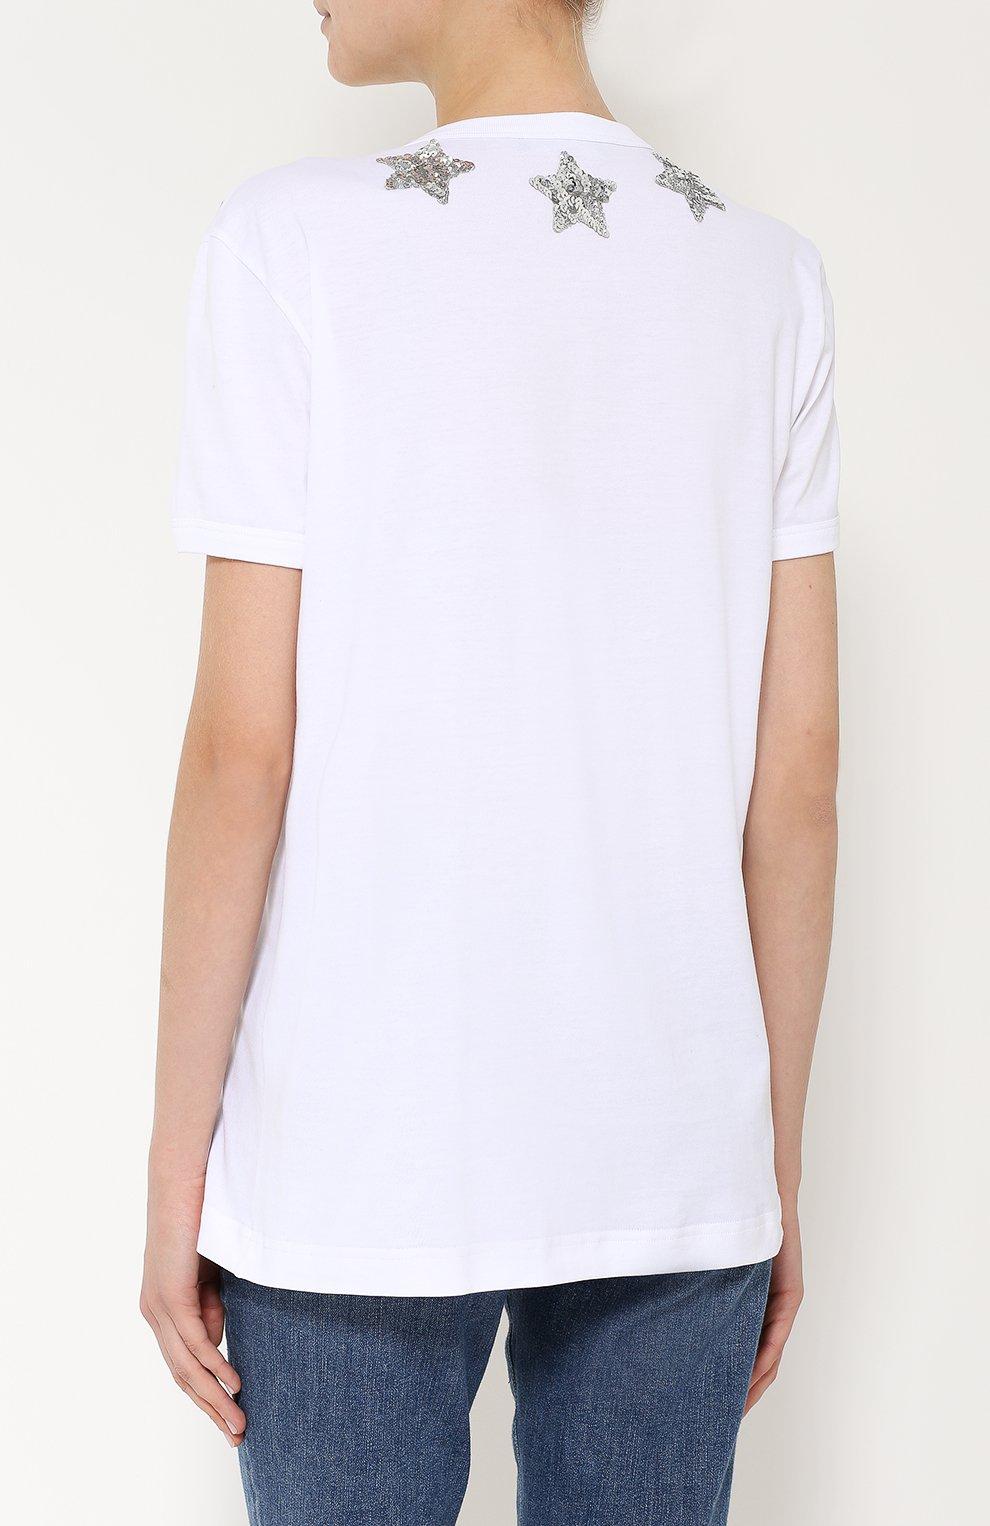 Хлопковая футболка прямого кроя с пайетками | Фото №4